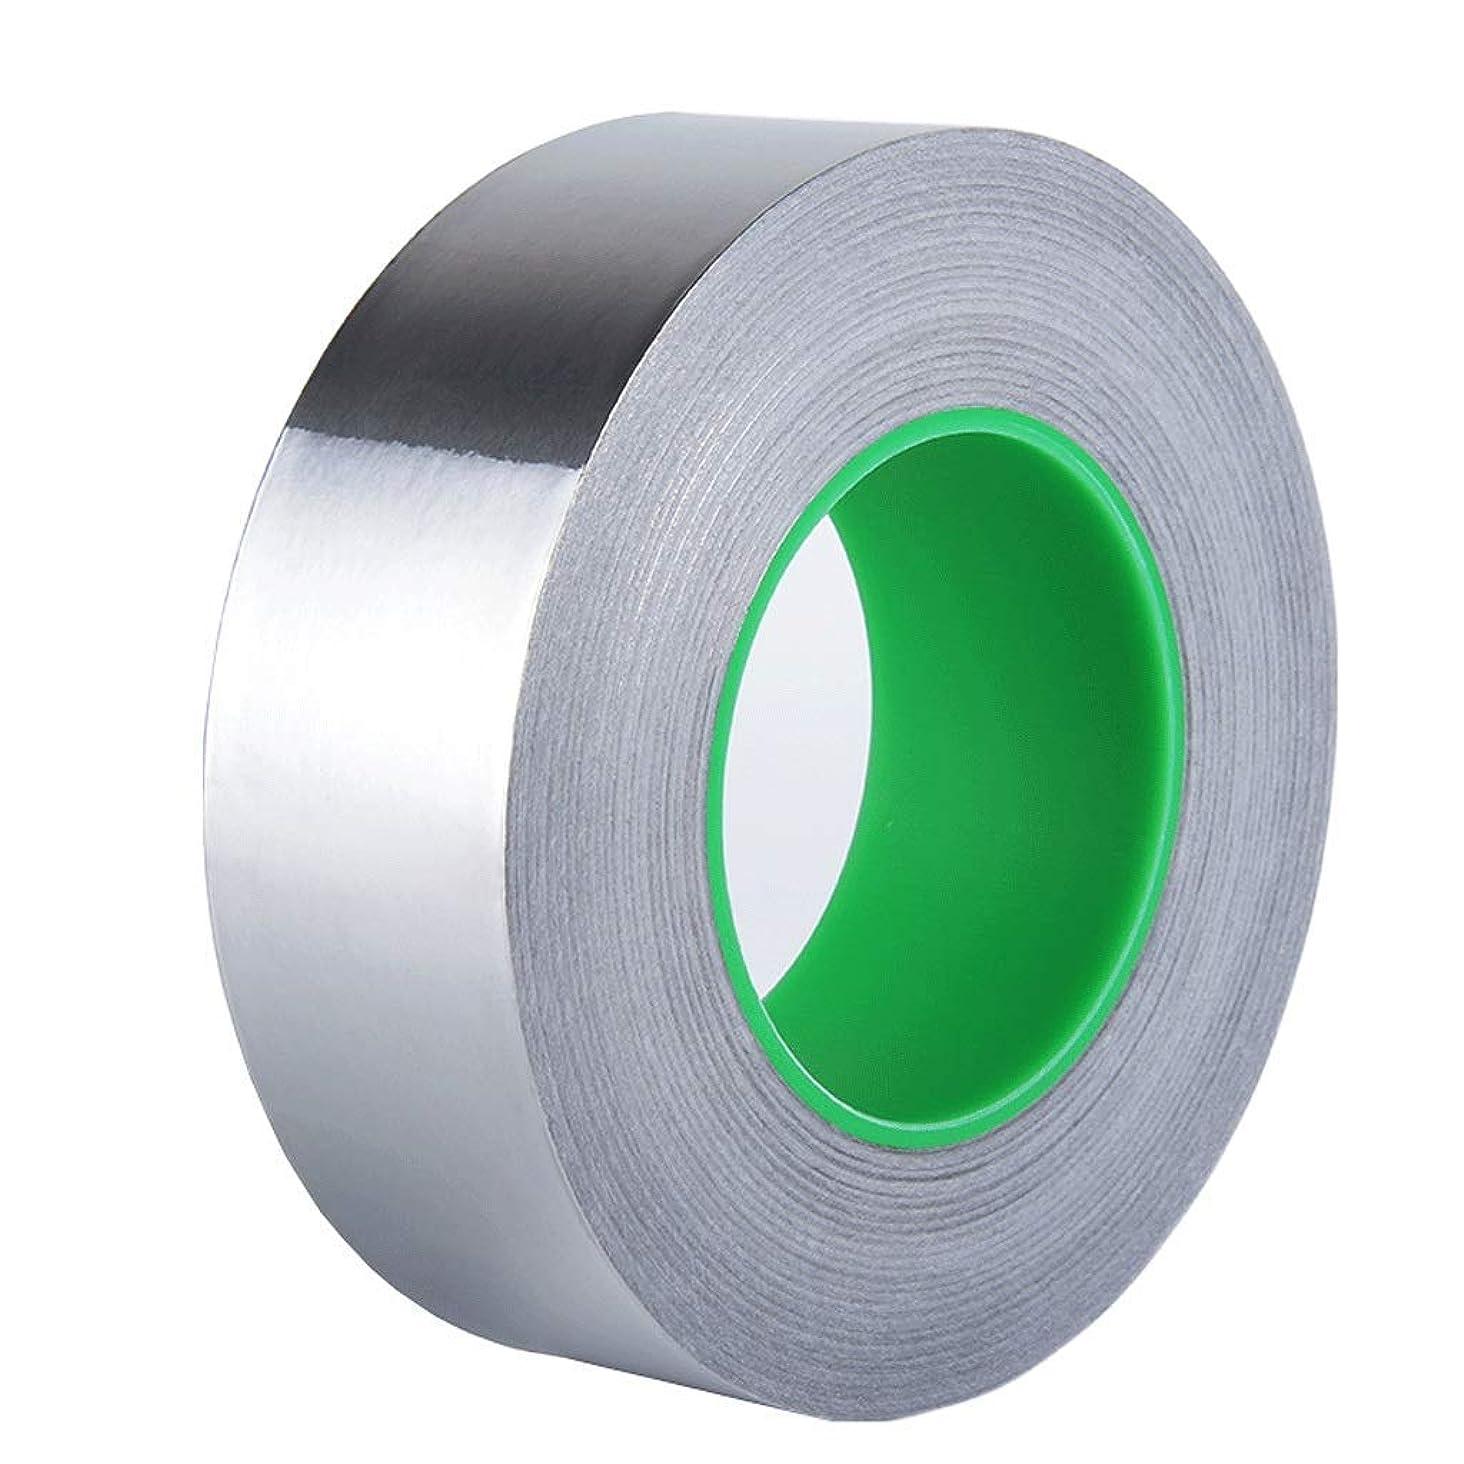 涙が出る実施する推測するマスキングテープ、アルミホイルの接着テープ高温耐性のある二重リードシーリング防水テープHVACホース修理用のシルバーダクトテープメタルシーリングパッチ用のホットコールドダクト接着テープ